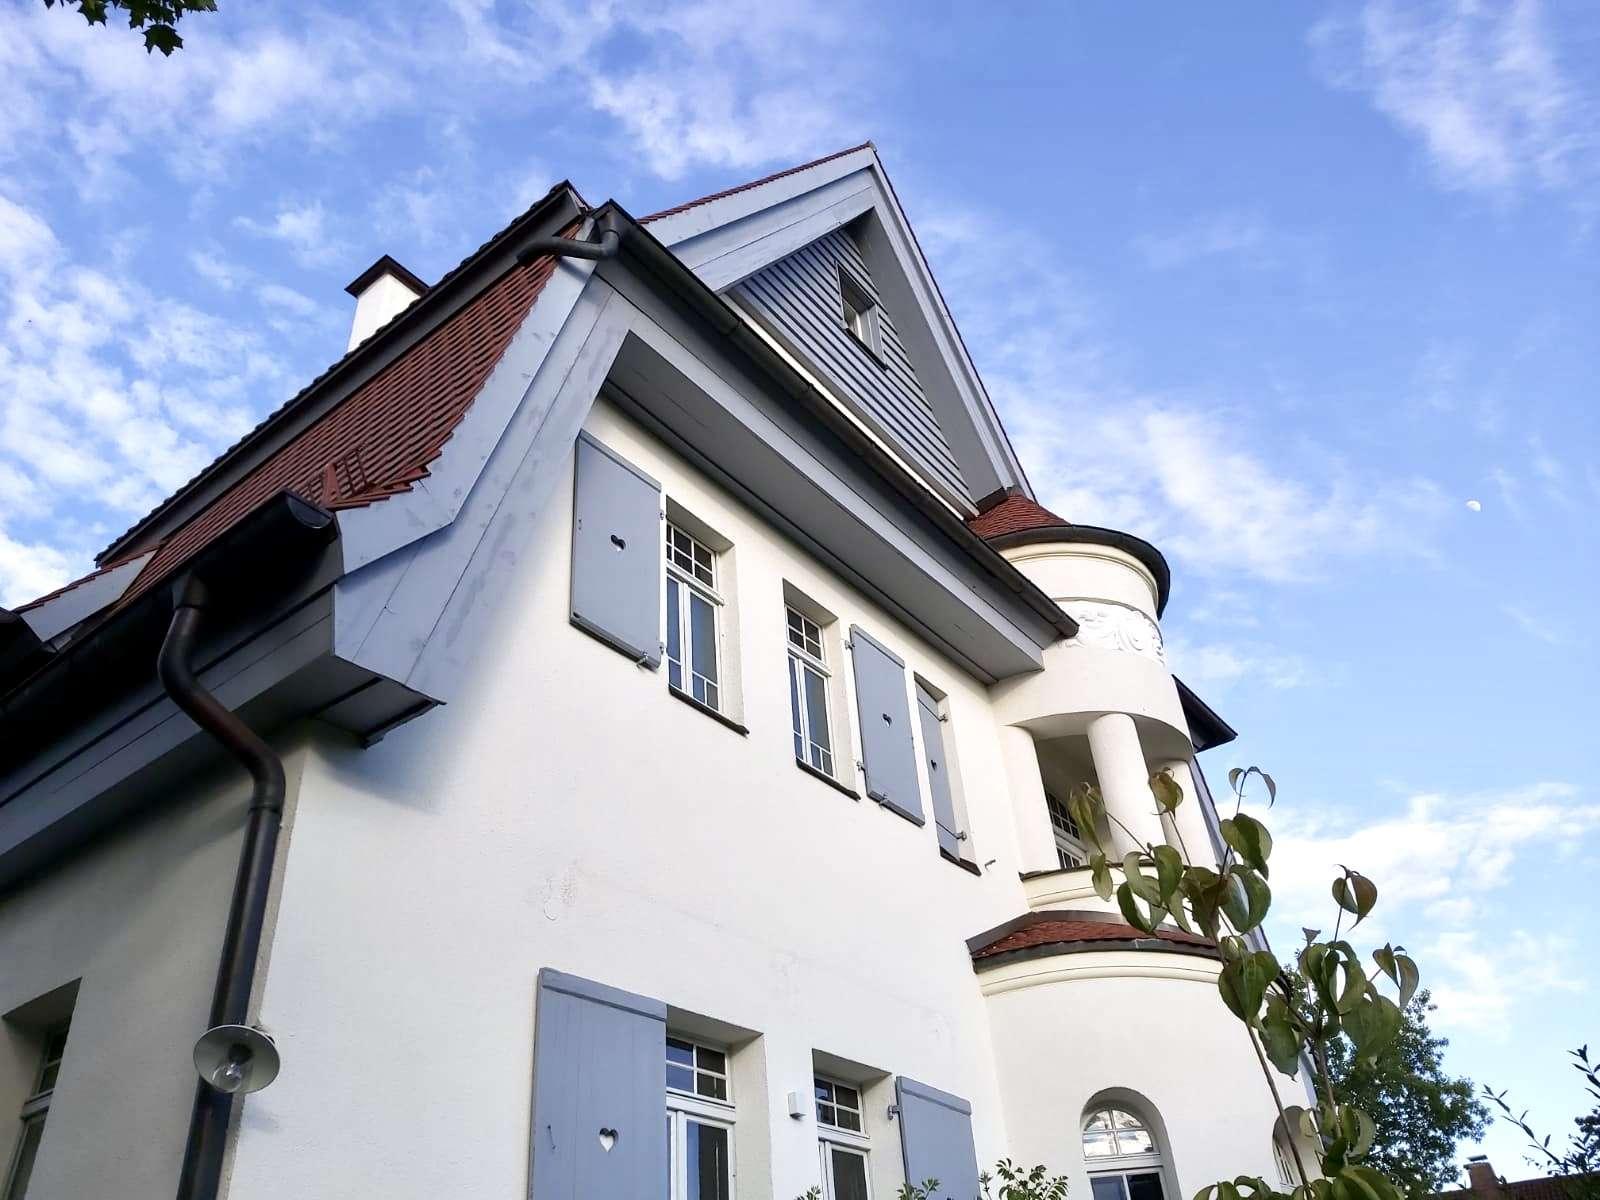 Stilvolle, geräumige und neuwertige 2,5-Zimmer-Wohnung mit Balkon und Einbauküche in Nürnberg in